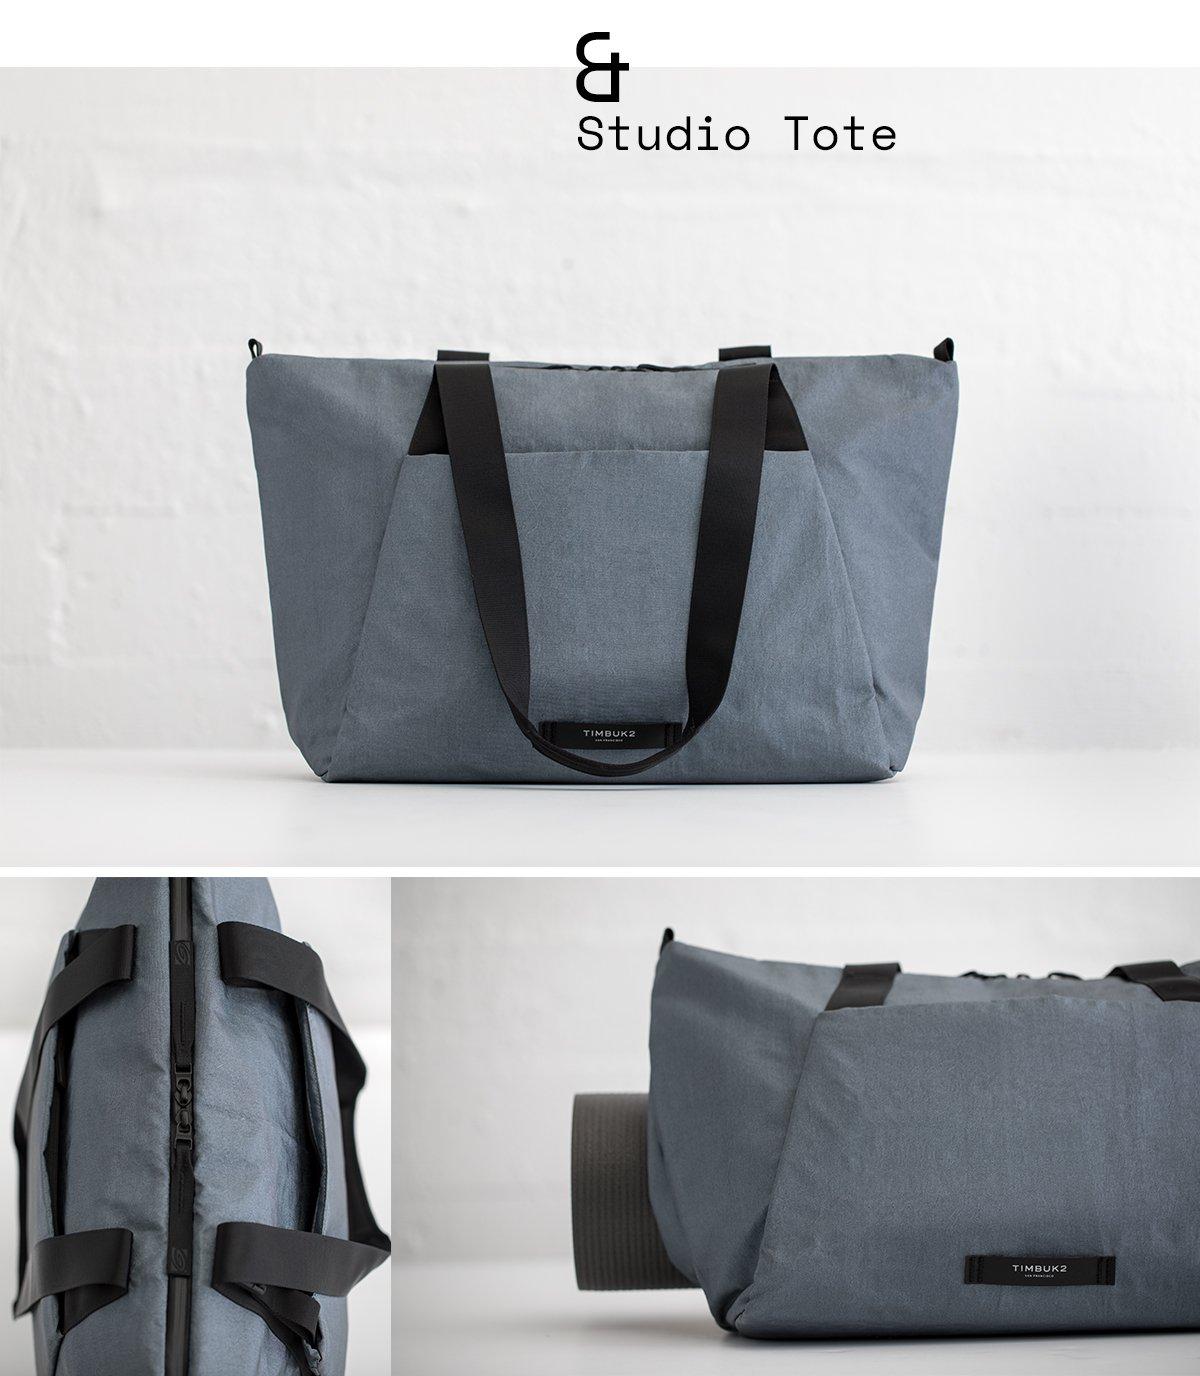 Studio Tote